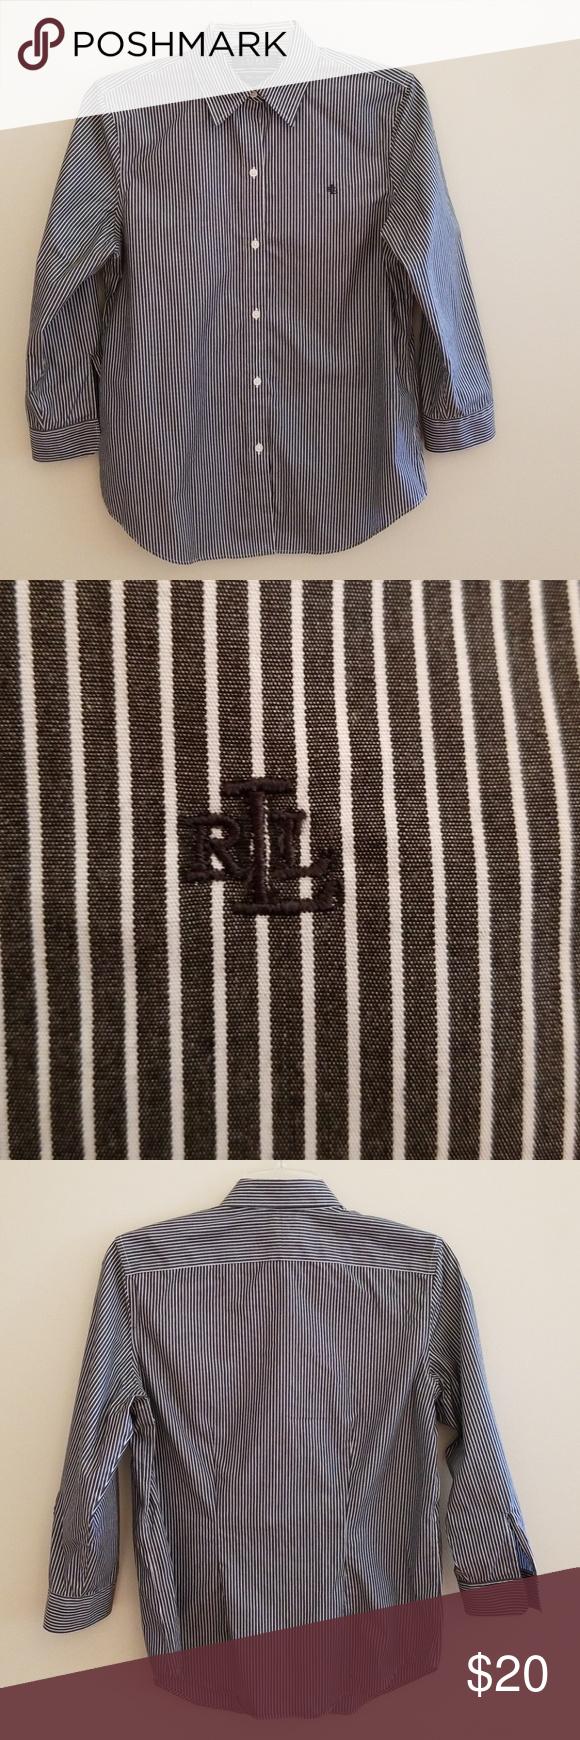 7cf21a89 Ralph Lauren Women's 3/4 Sleeve Non-Iron Shirt Ralph Lauren stripe shirt  with RL embroidered on left side. Has open sleeve cuffs. Button down front.